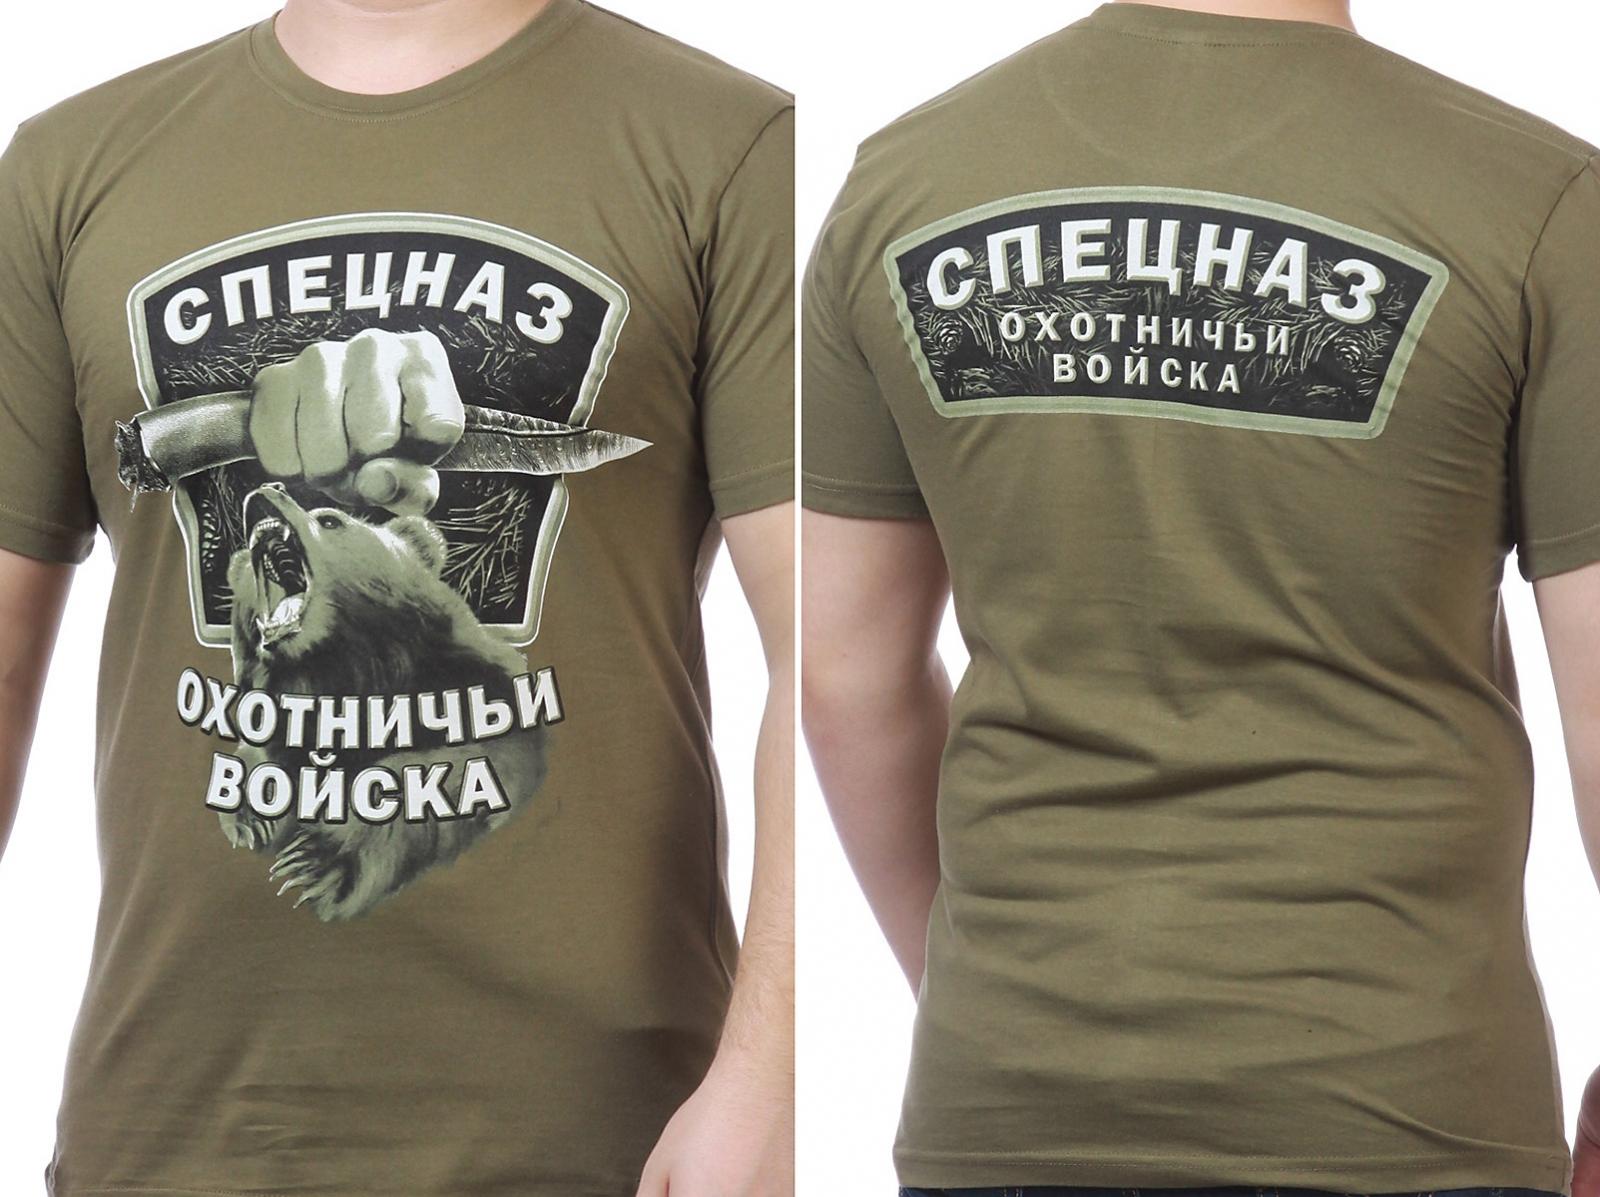 Мужская футболка с медведем  - общий вид